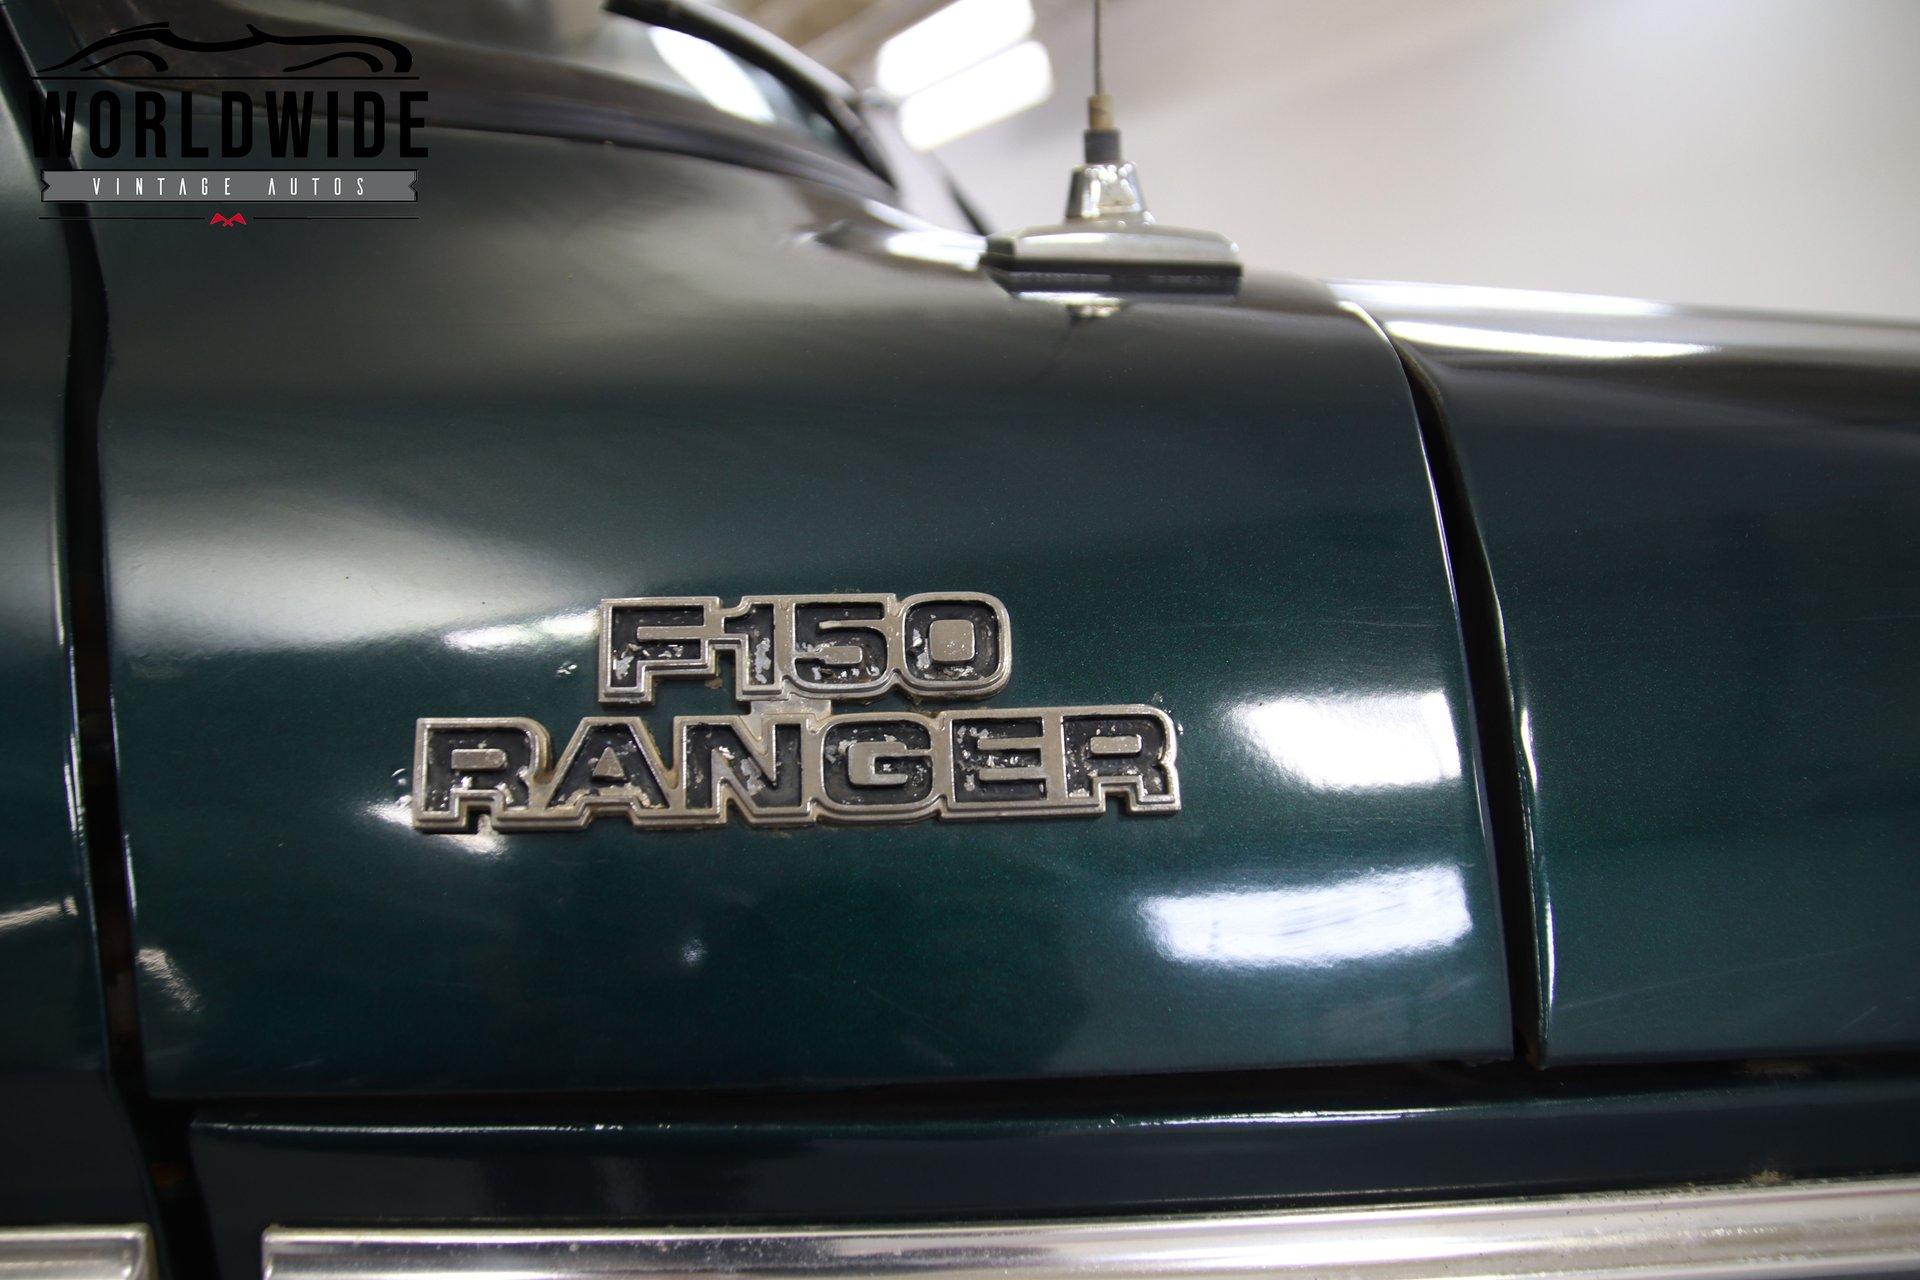 1979 Ford F-150 Ranger